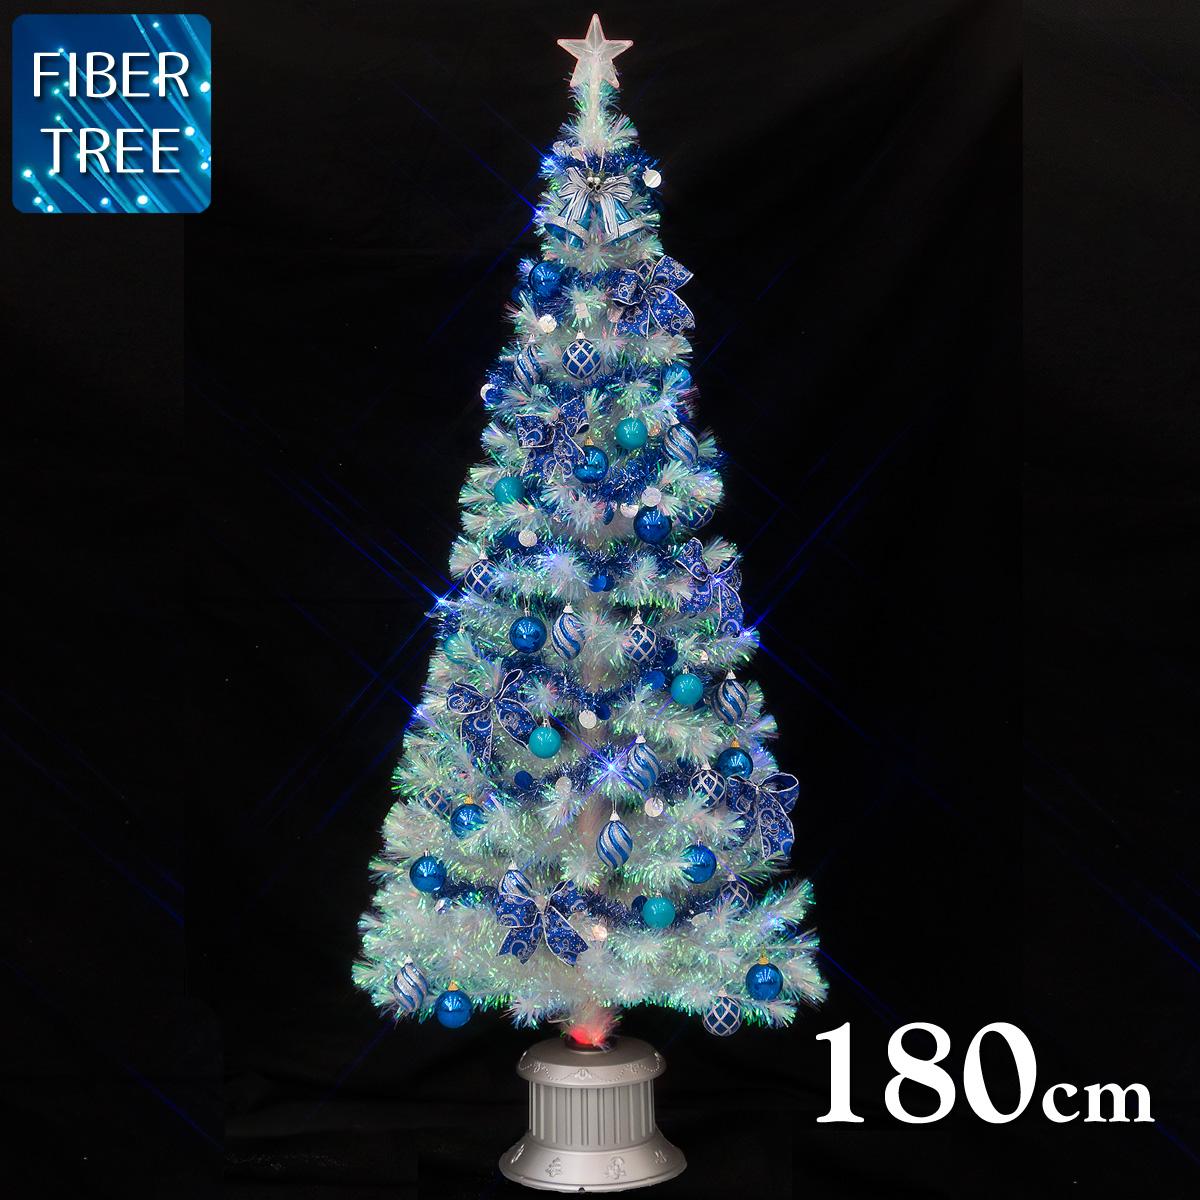 クリスマスツリー ファイバーツリー 180cm ブルーセット LED オーナメント付 北欧 おしゃれ 【10月下旬入荷予定】